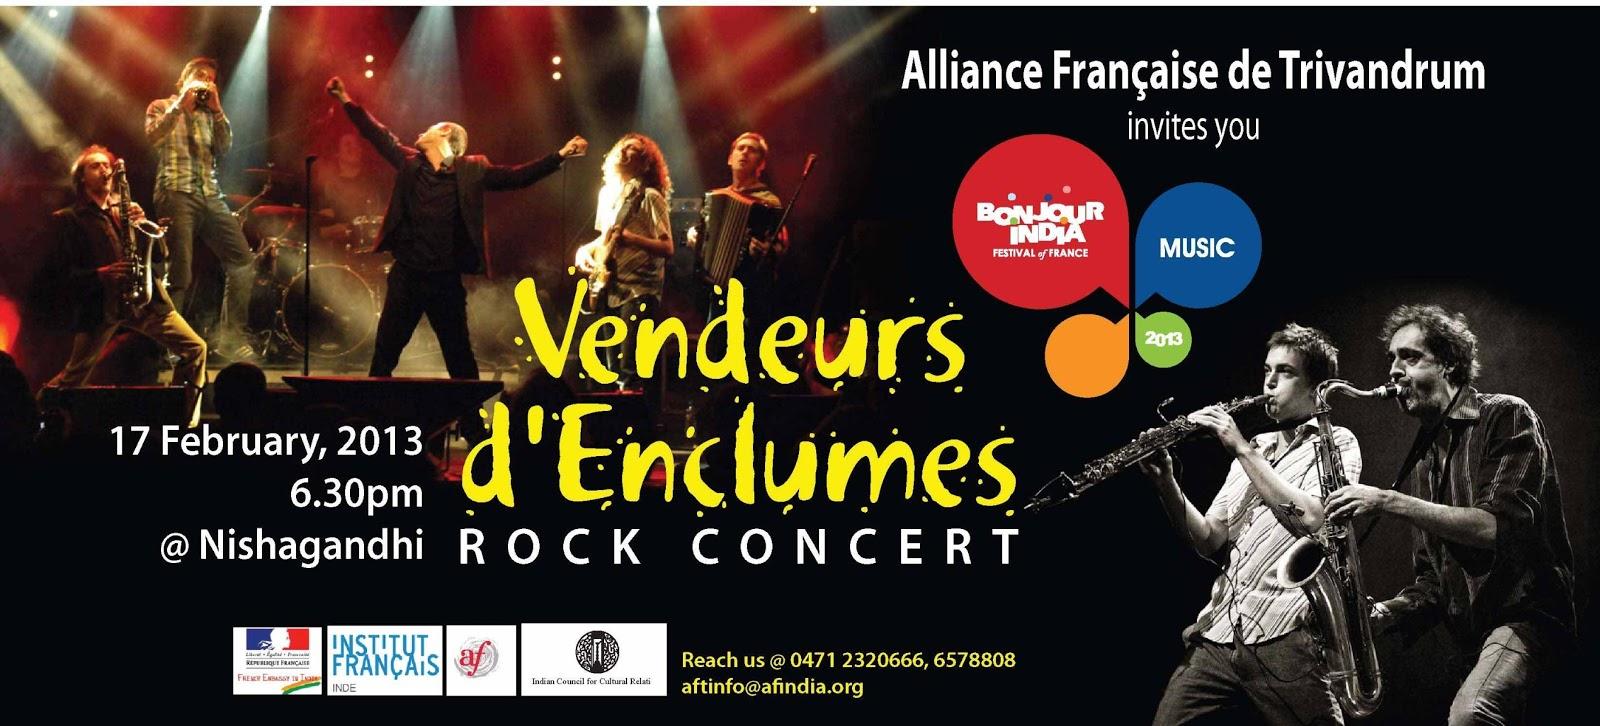 vendeurs d'Enclumes Rock Concert @ Nishagandhi